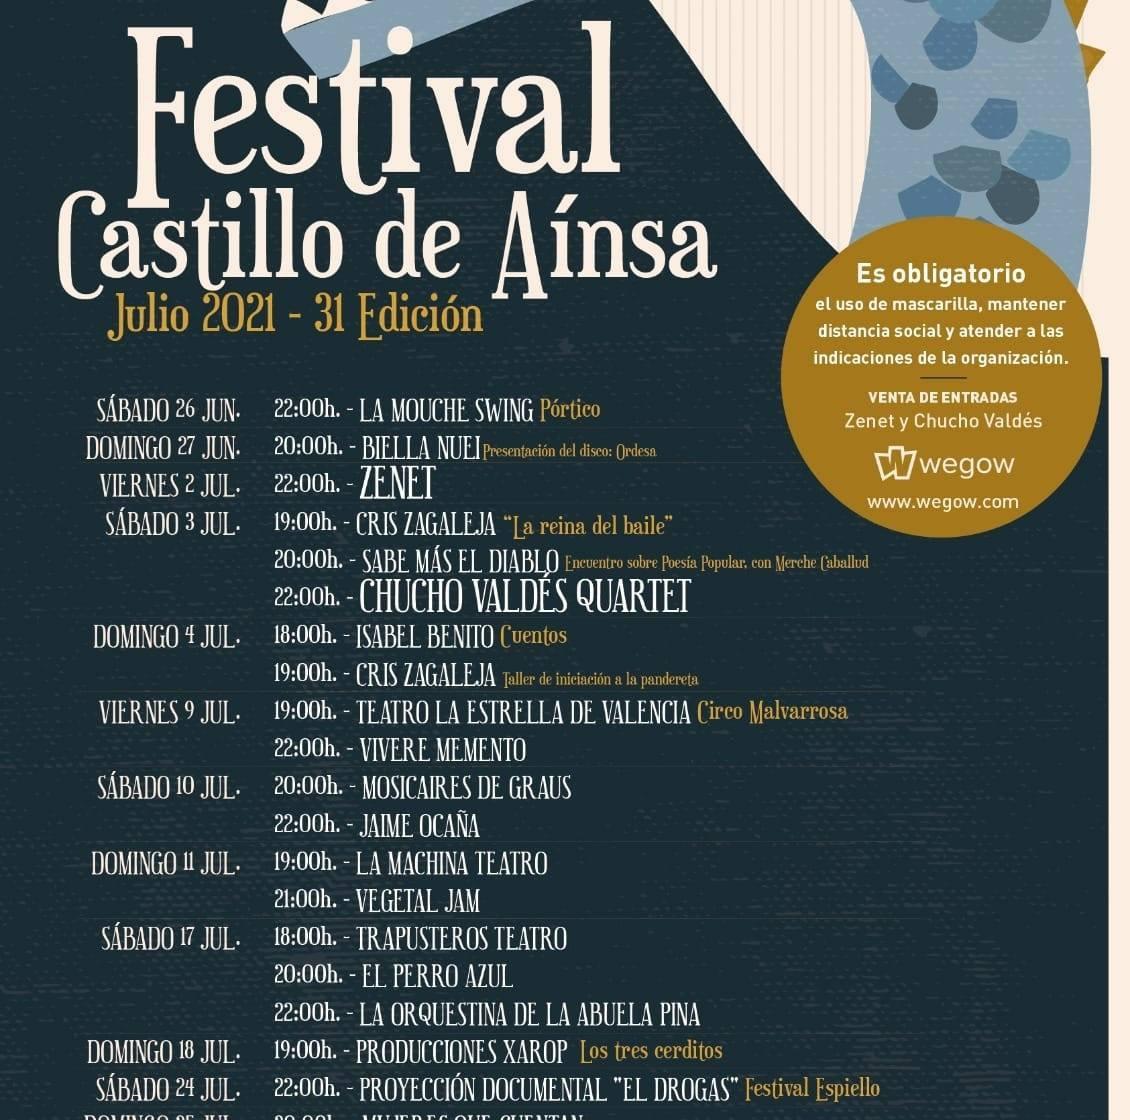 31ª Edición del Festival Castillo de Aínsa